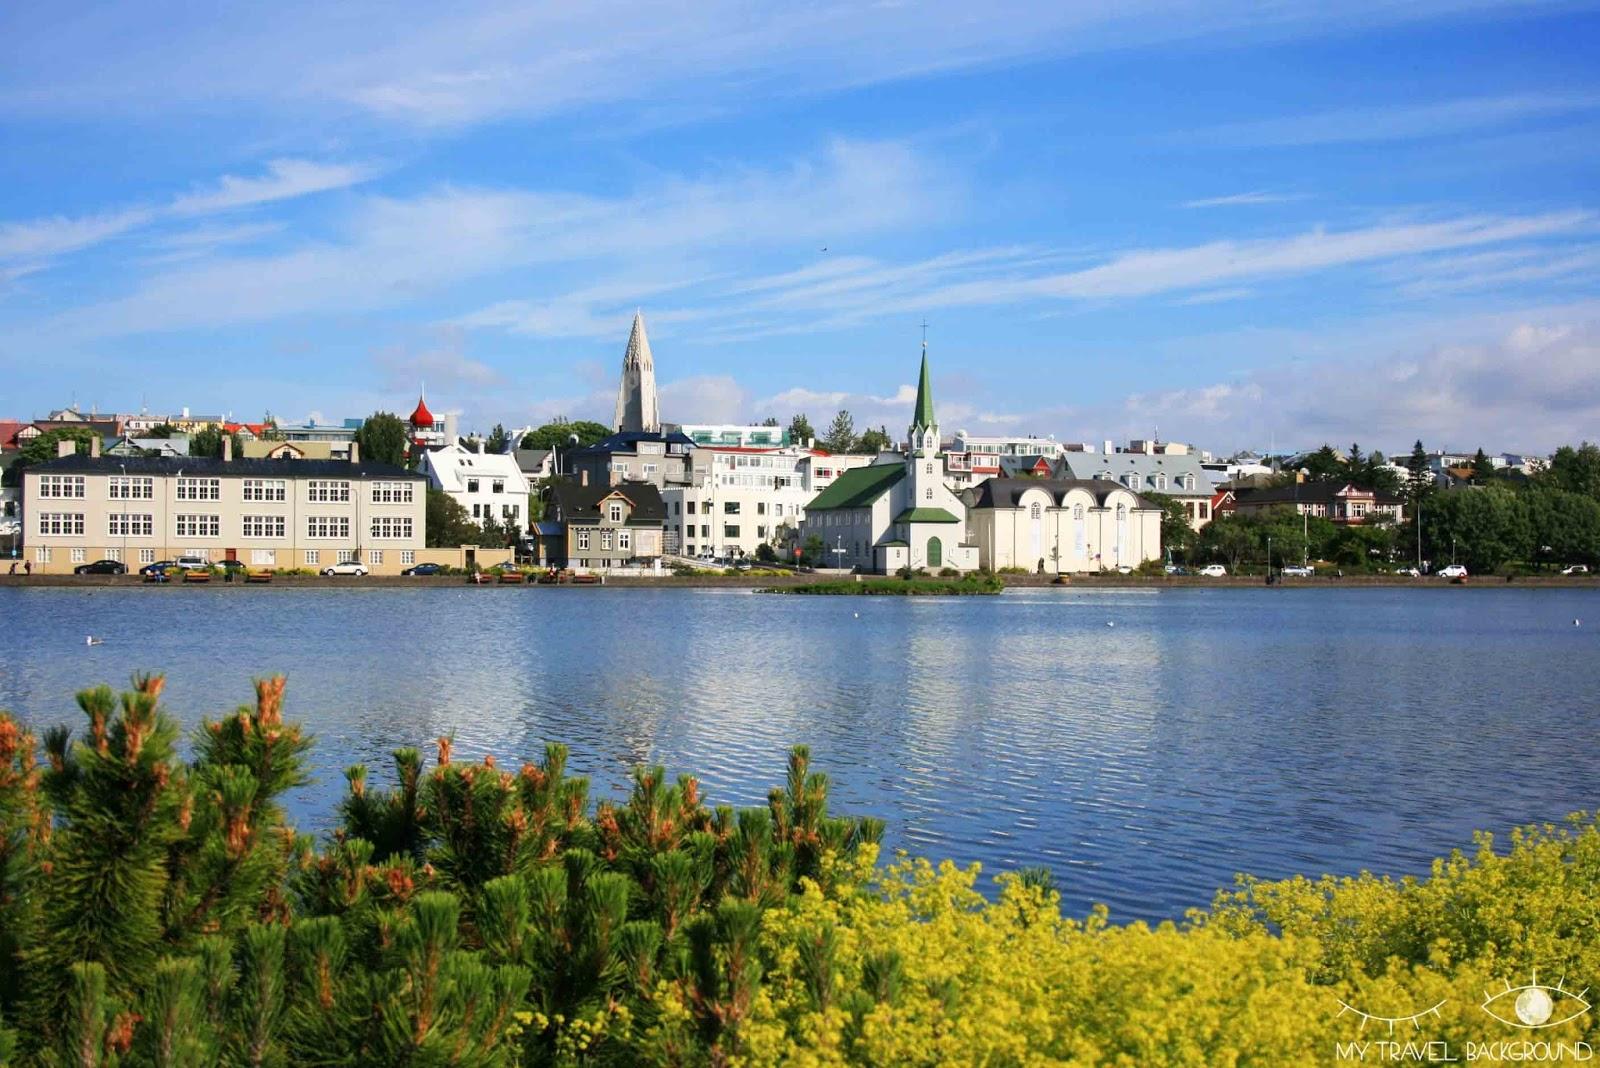 My Travel Background : que voir à Reykjavik? Visiter la ville en 1 jour, les essentiels - Le lac Tjornin